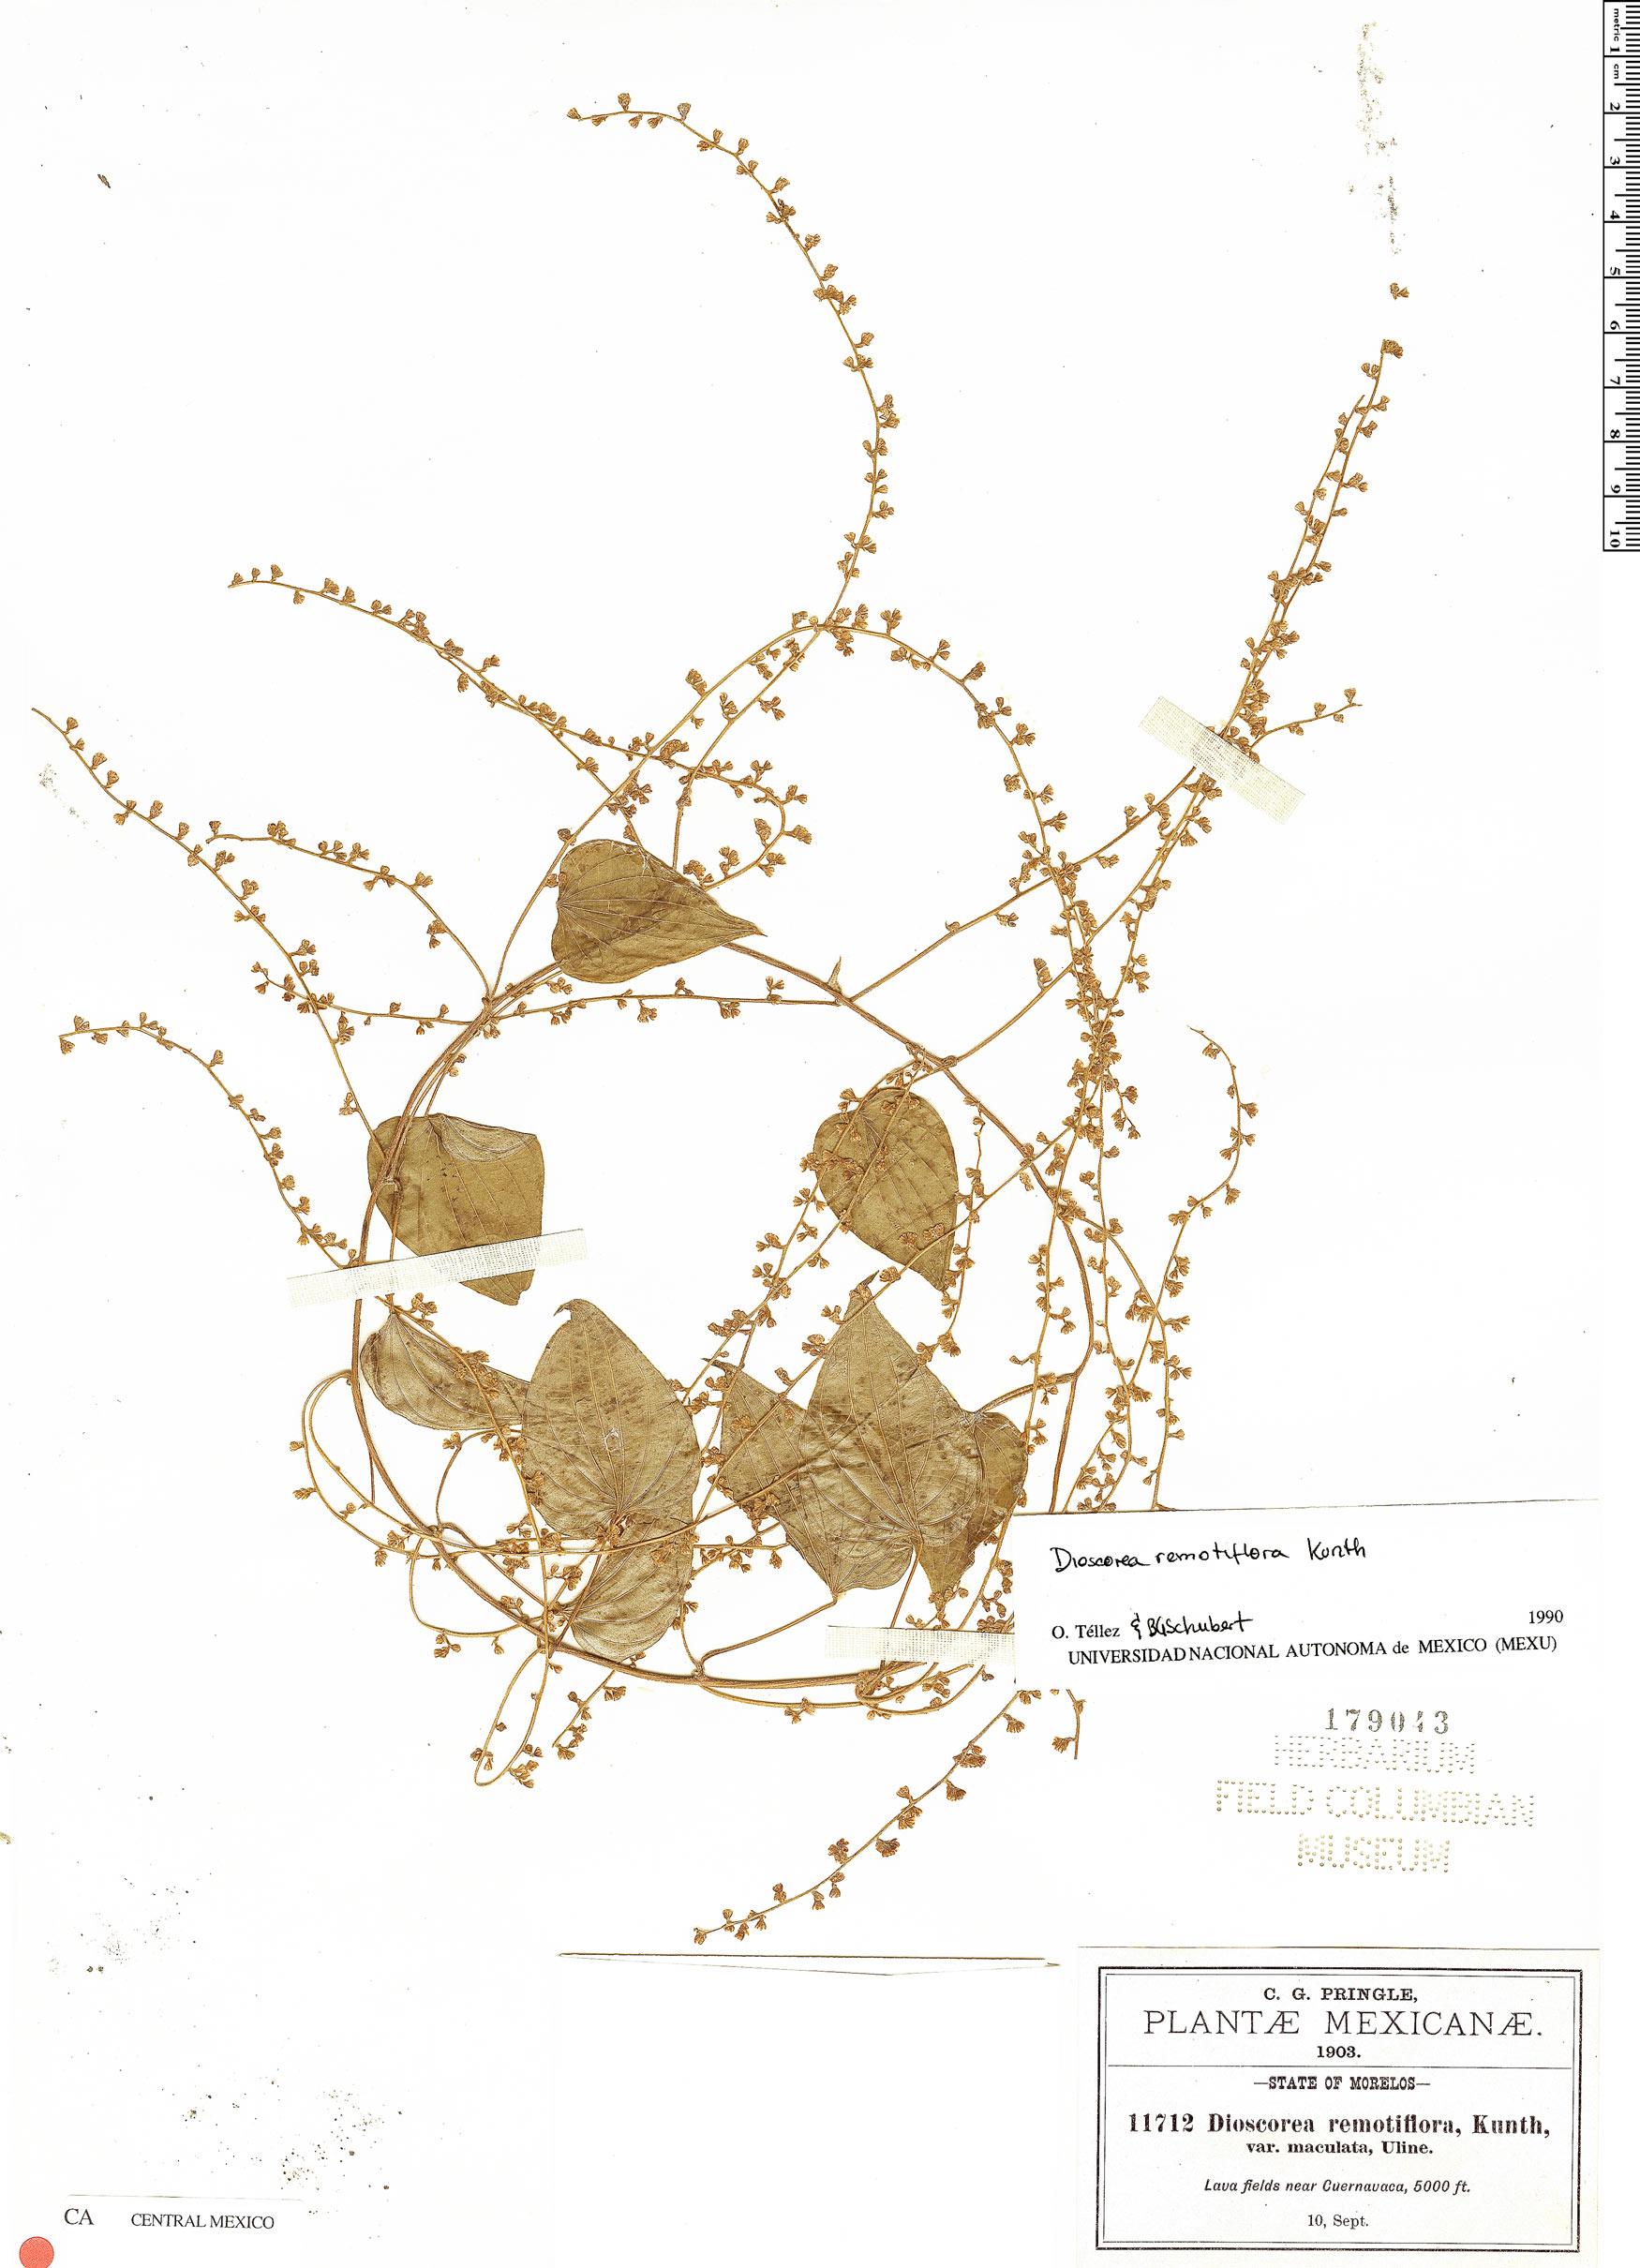 Specimen: Dioscorea remotiflora